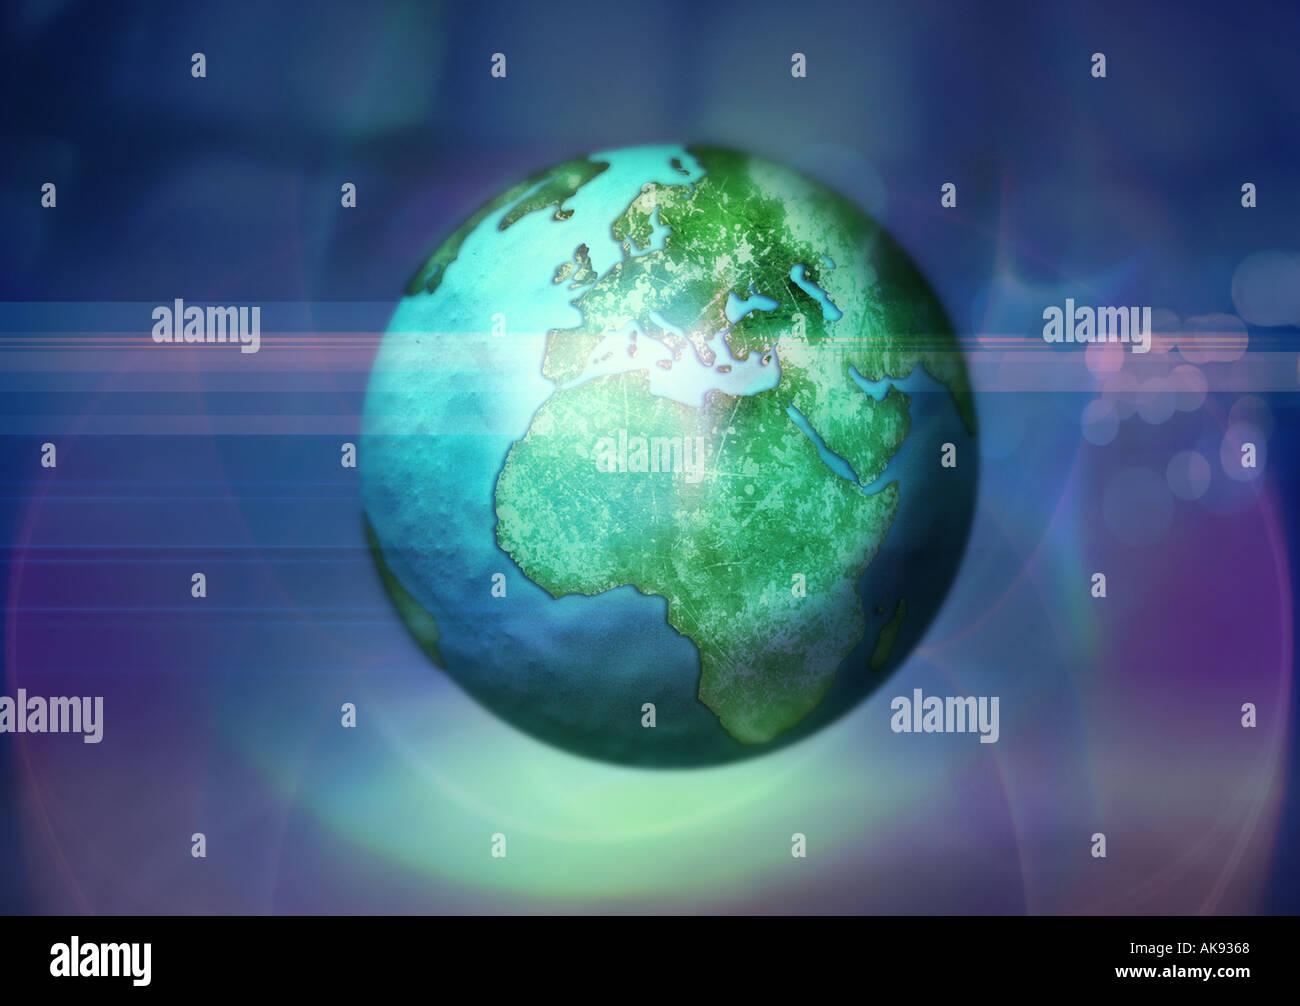 world 3 - Stock Image